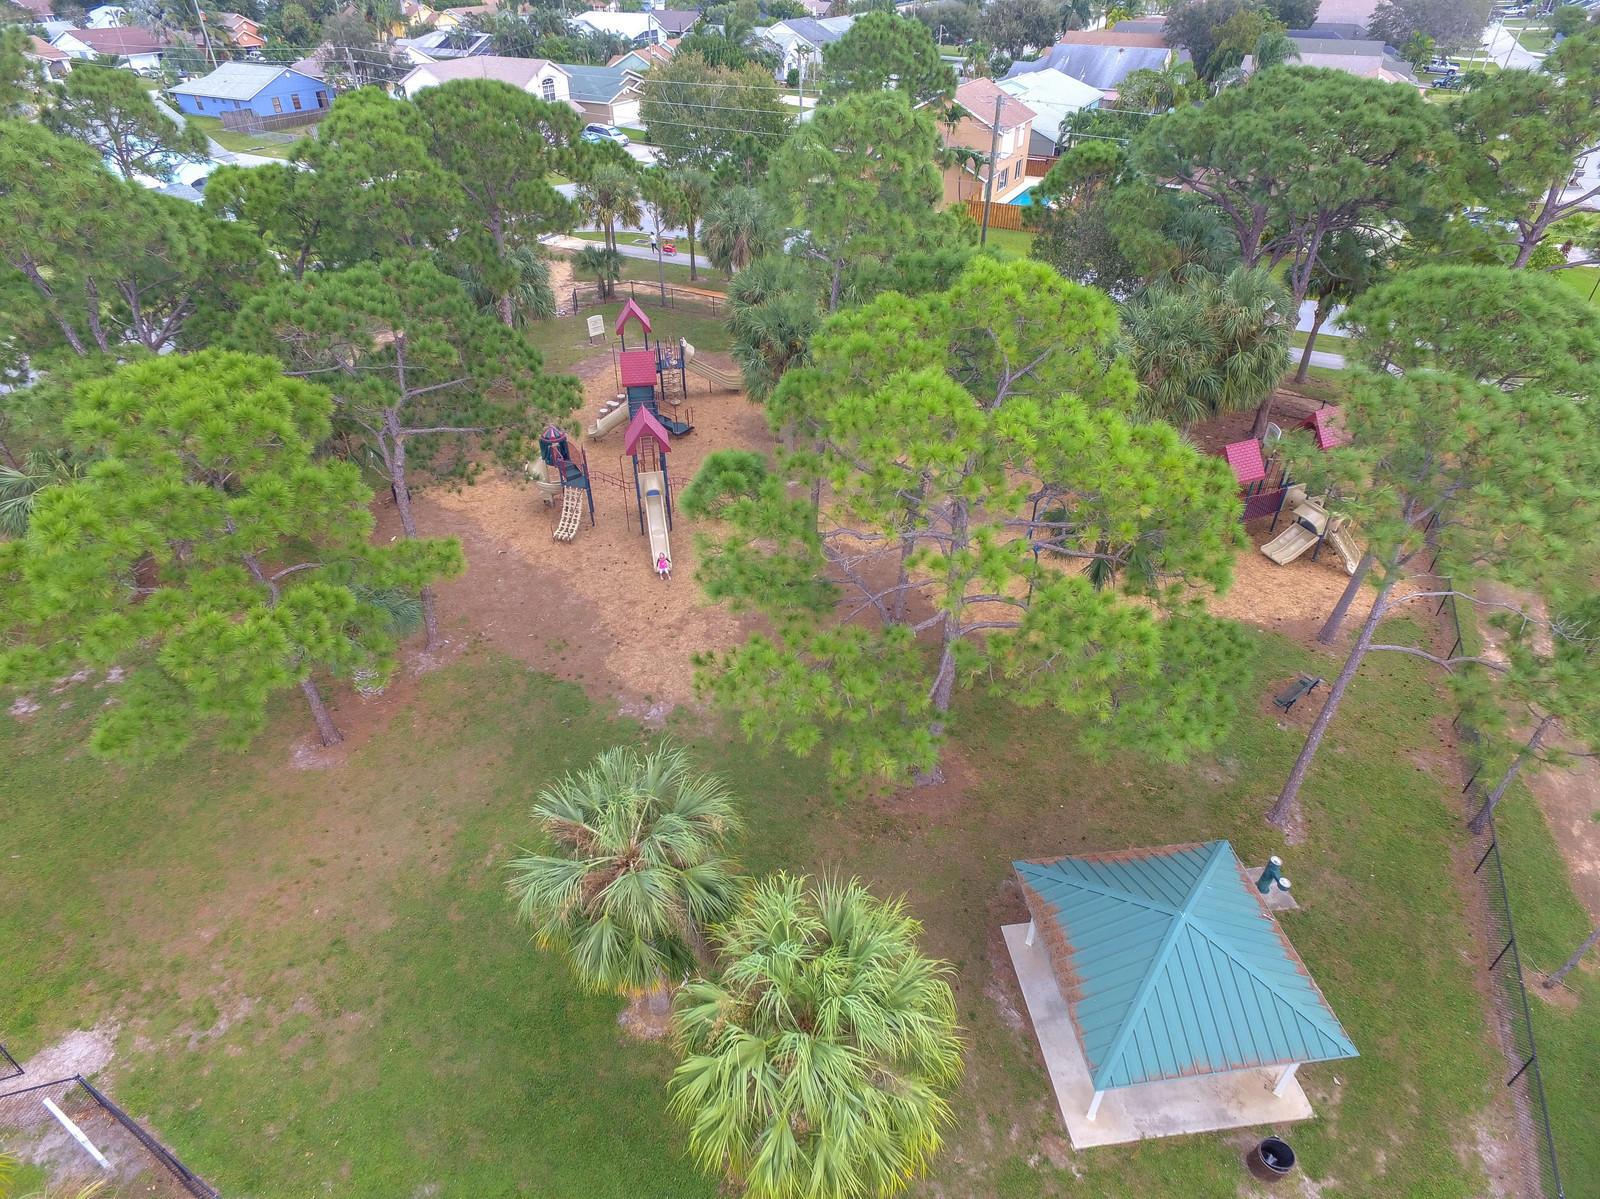 HEIGHTS OF JUPITER JUPITER FLORIDA